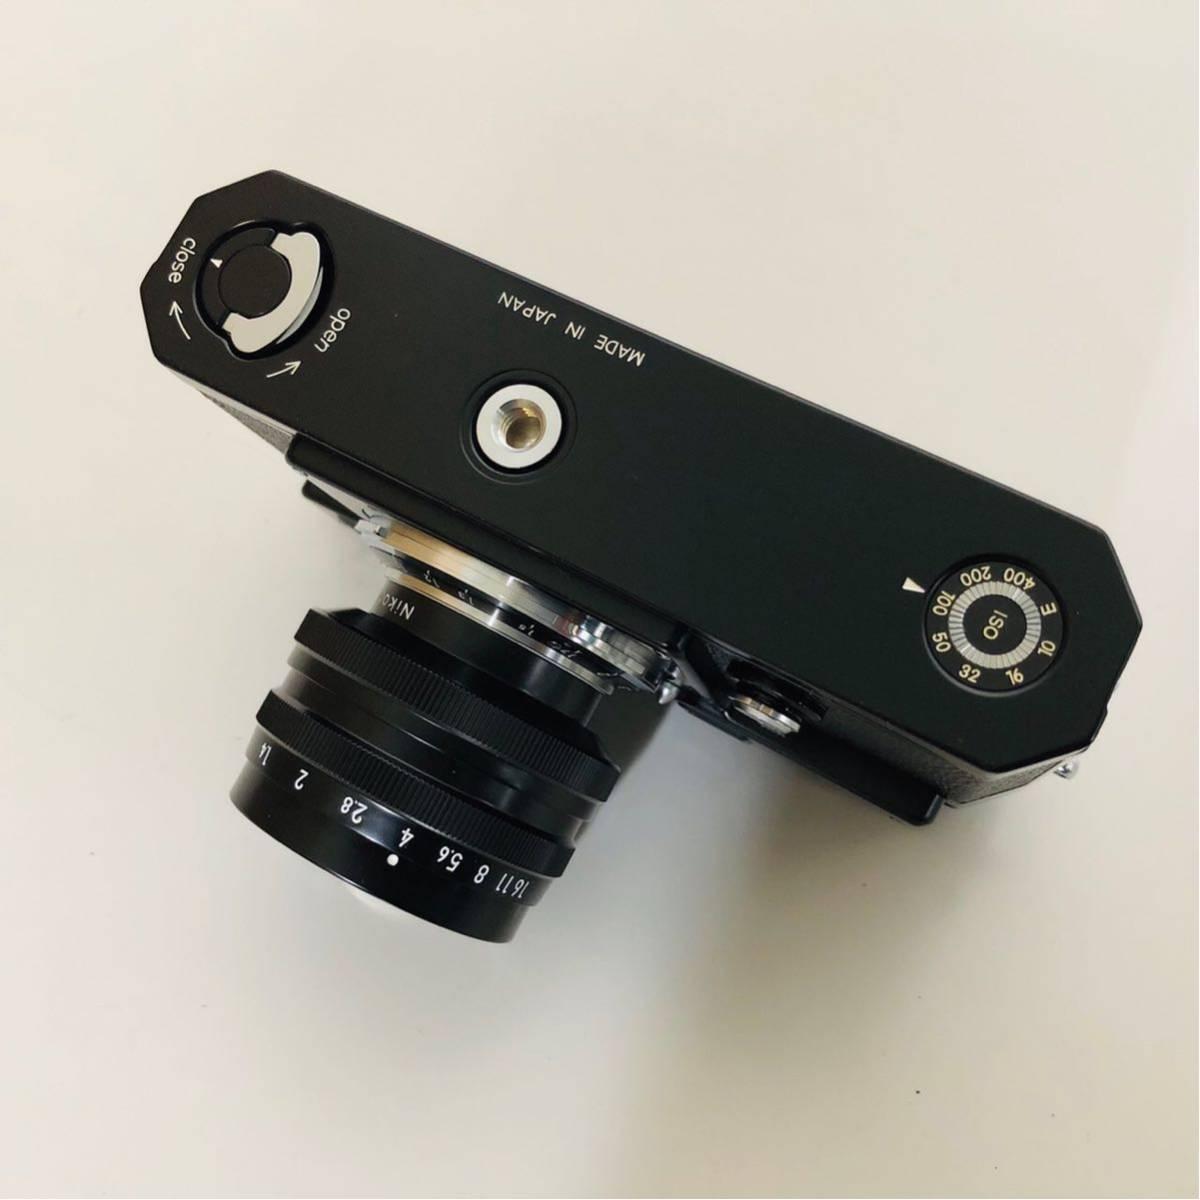 【未使用・美品】Nikon S3 LIMITED EDITION BLACK 50mm F1.4 302435_画像6